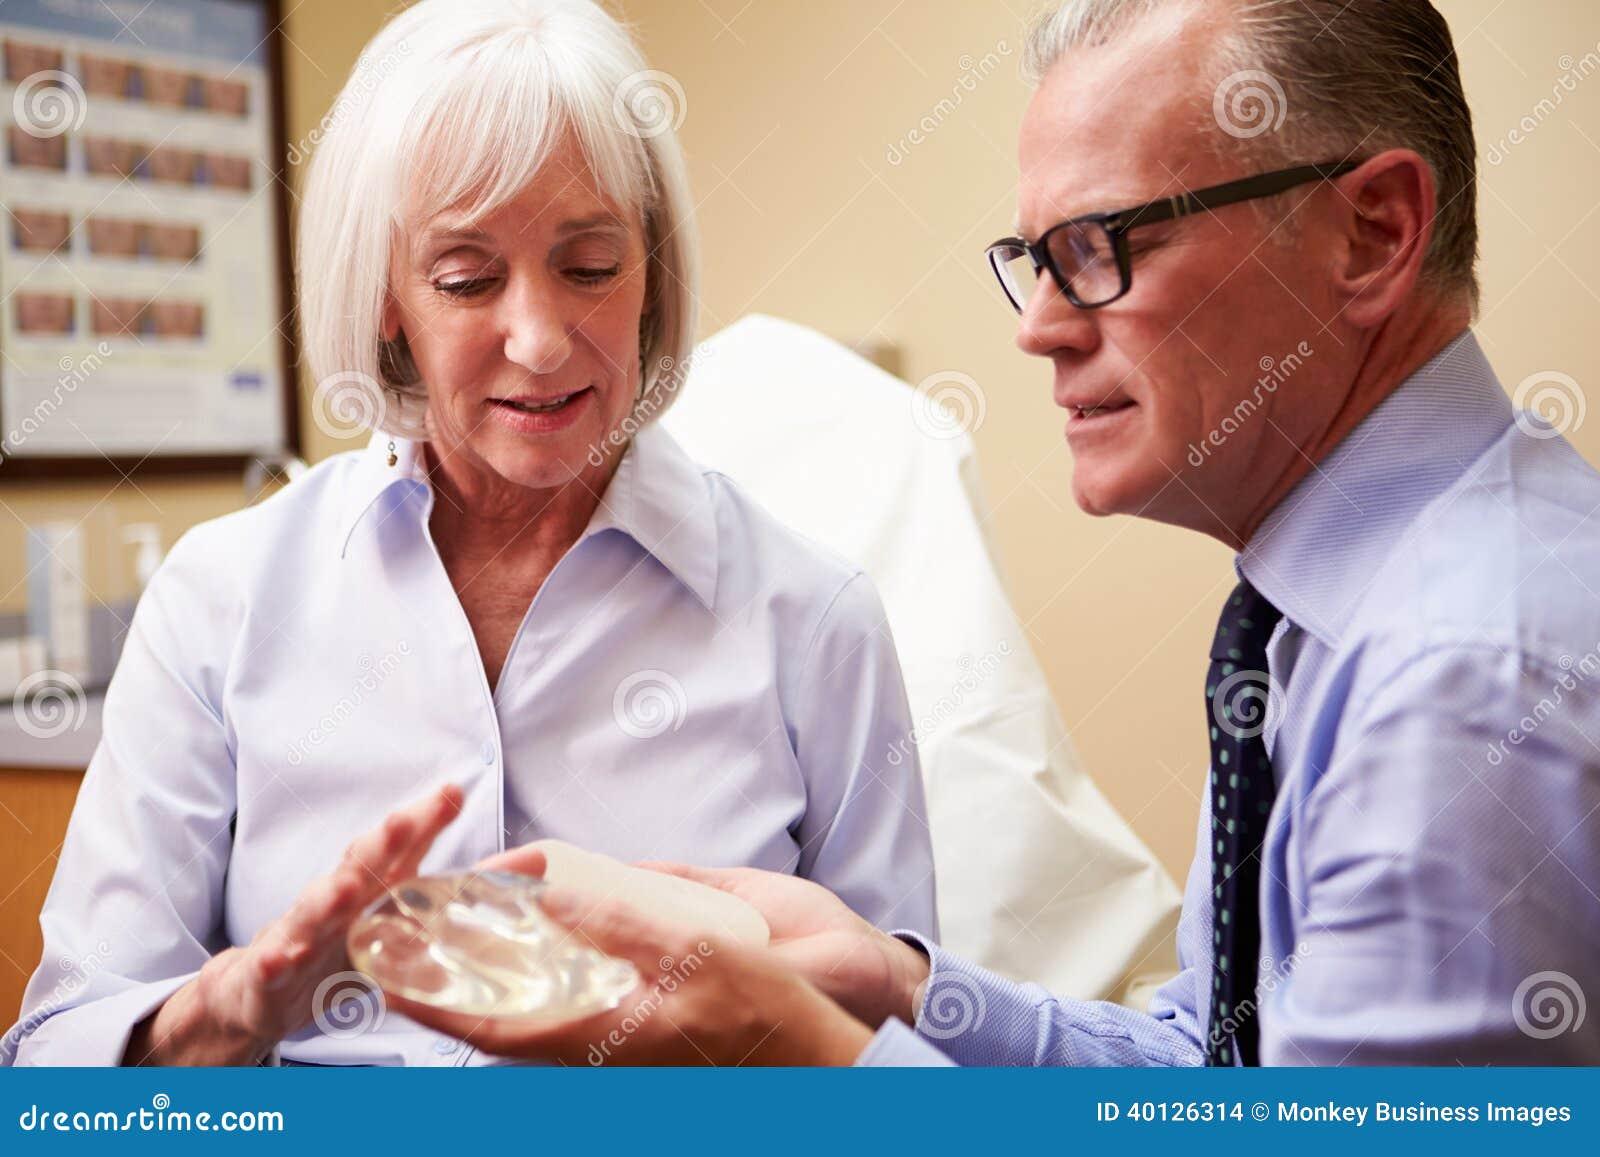 Γυναίκα που συζητά την αύξηση στηθών με τον πλαστικό χειρούργο